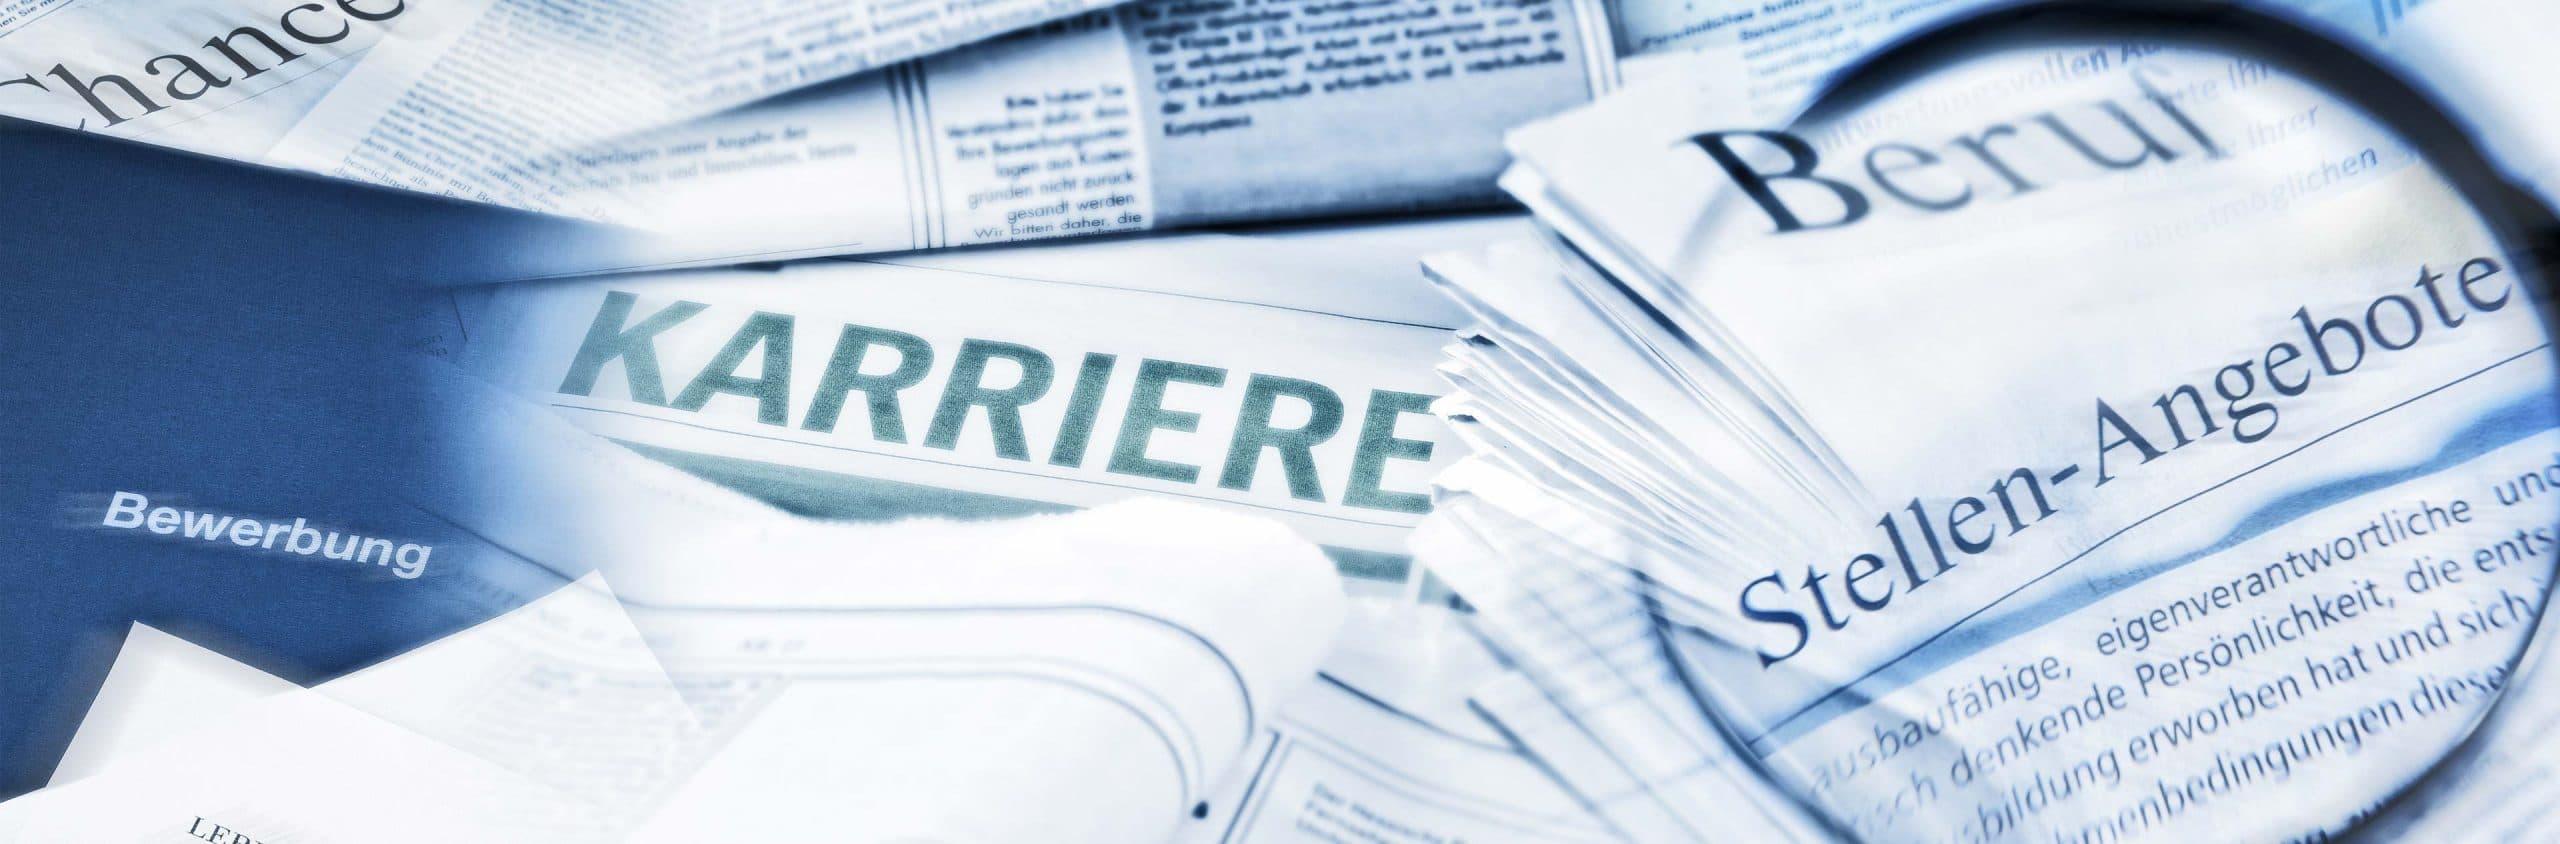 Zeitungen Berufswahl und Karriere